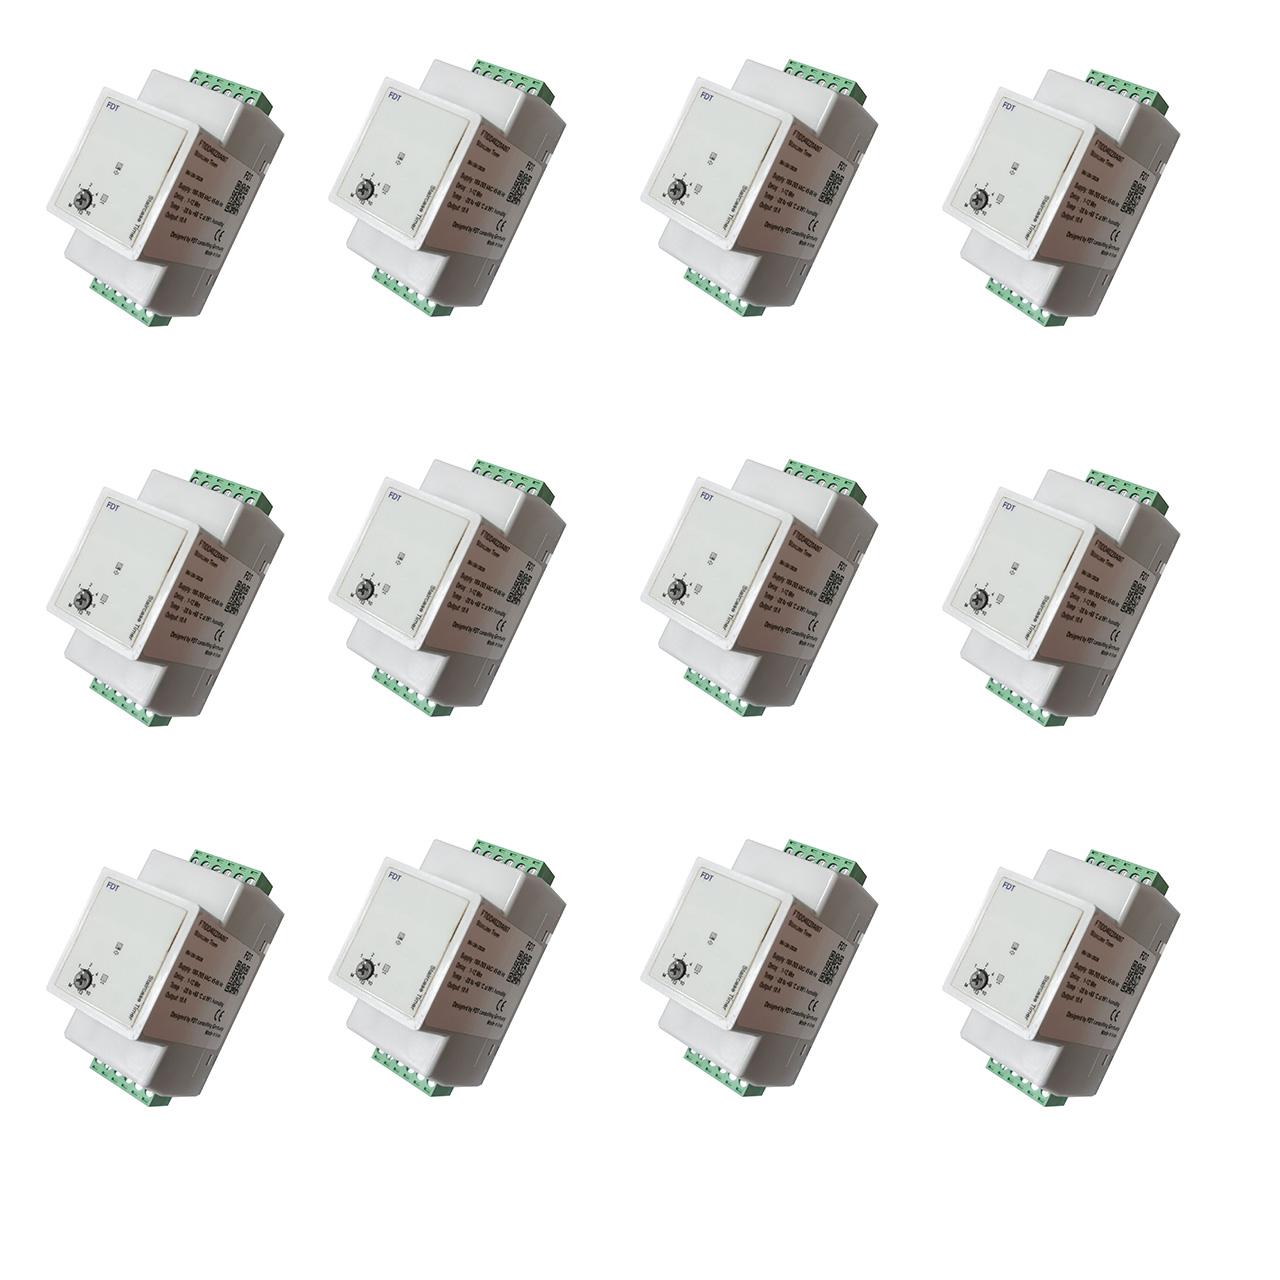 تایمر راه پله اف دی تی طرح مینیاتوری مدل FTIDD40220A007 بسته ۱۲ عددی